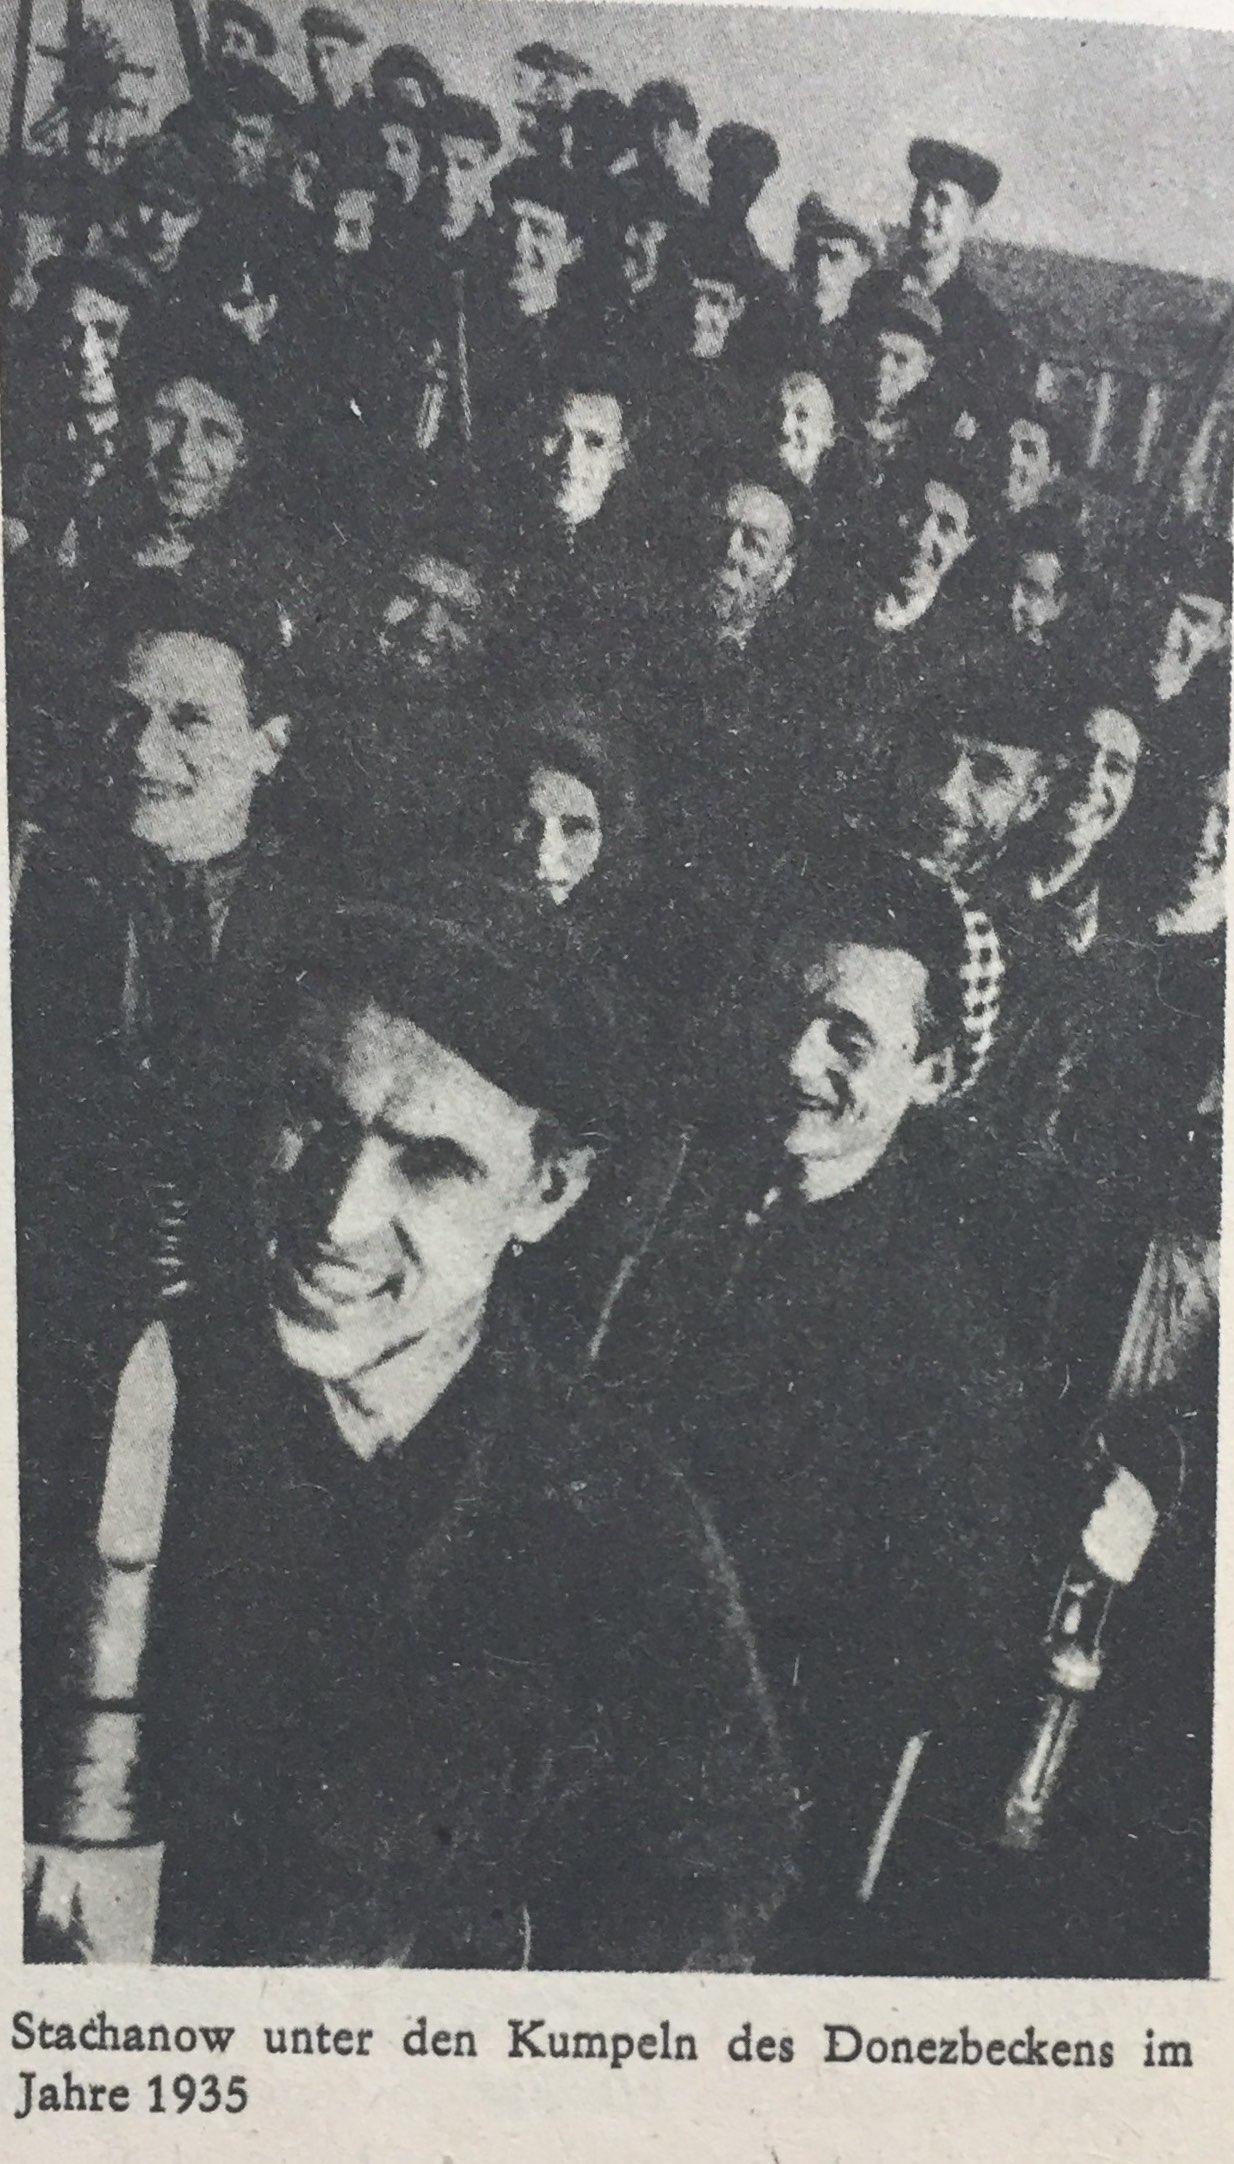 Stachanow 1935